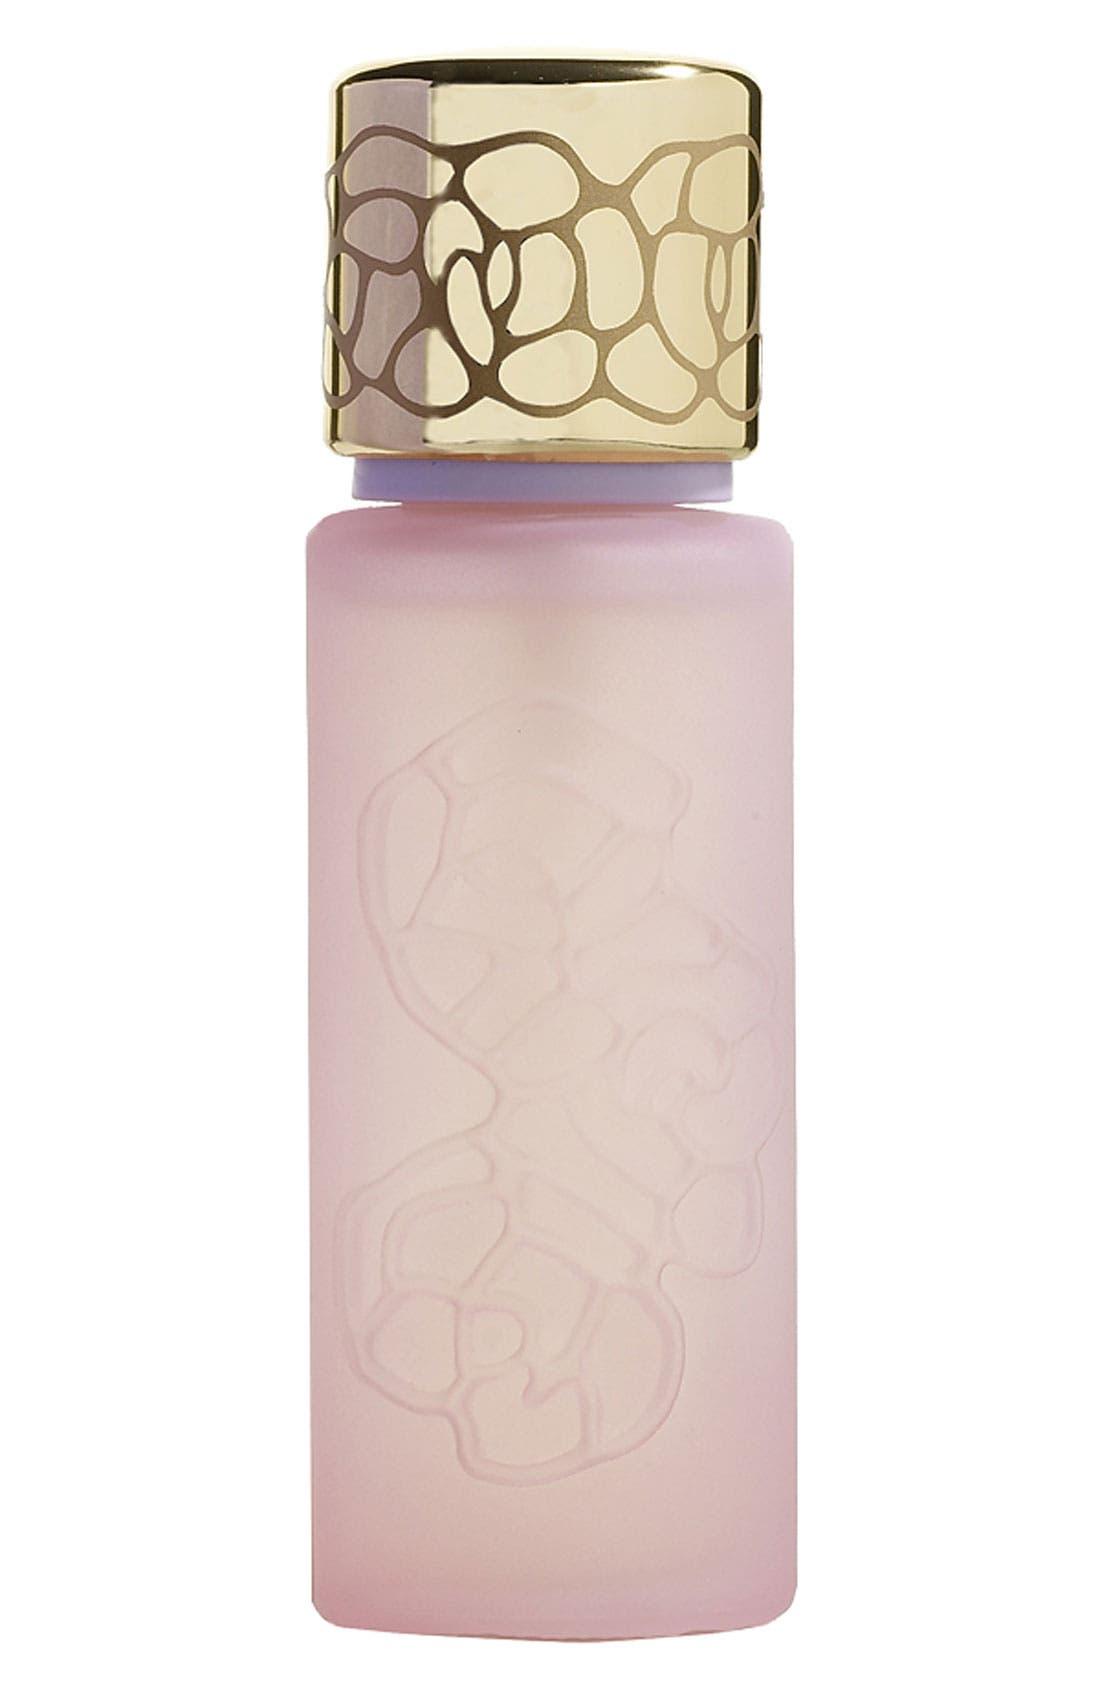 Houbigant Paris Quelques Fleurs 'Royale' Eau de Parfum,                             Main thumbnail 1, color,                             000